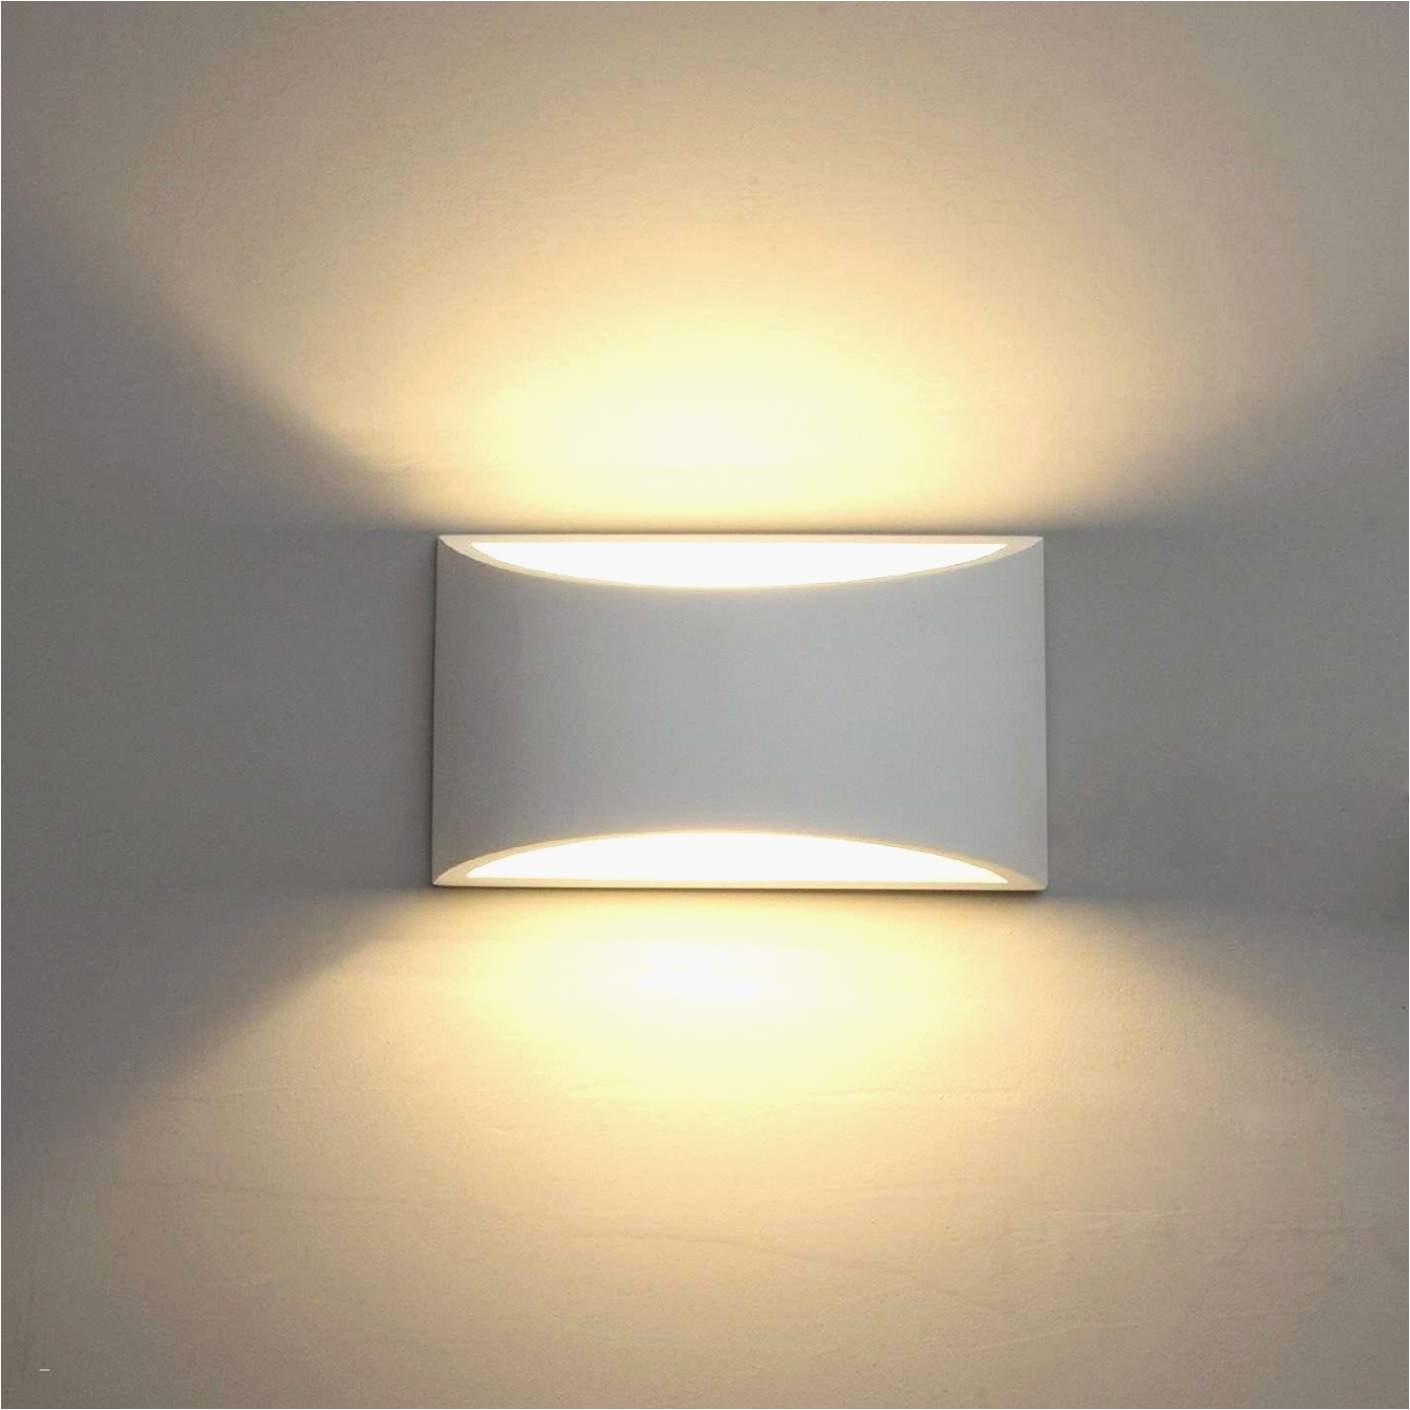 Schlafzimmer Lampe Modern Deckenlampe Wohnzimmer Modern Inspirierend Deckenlampe